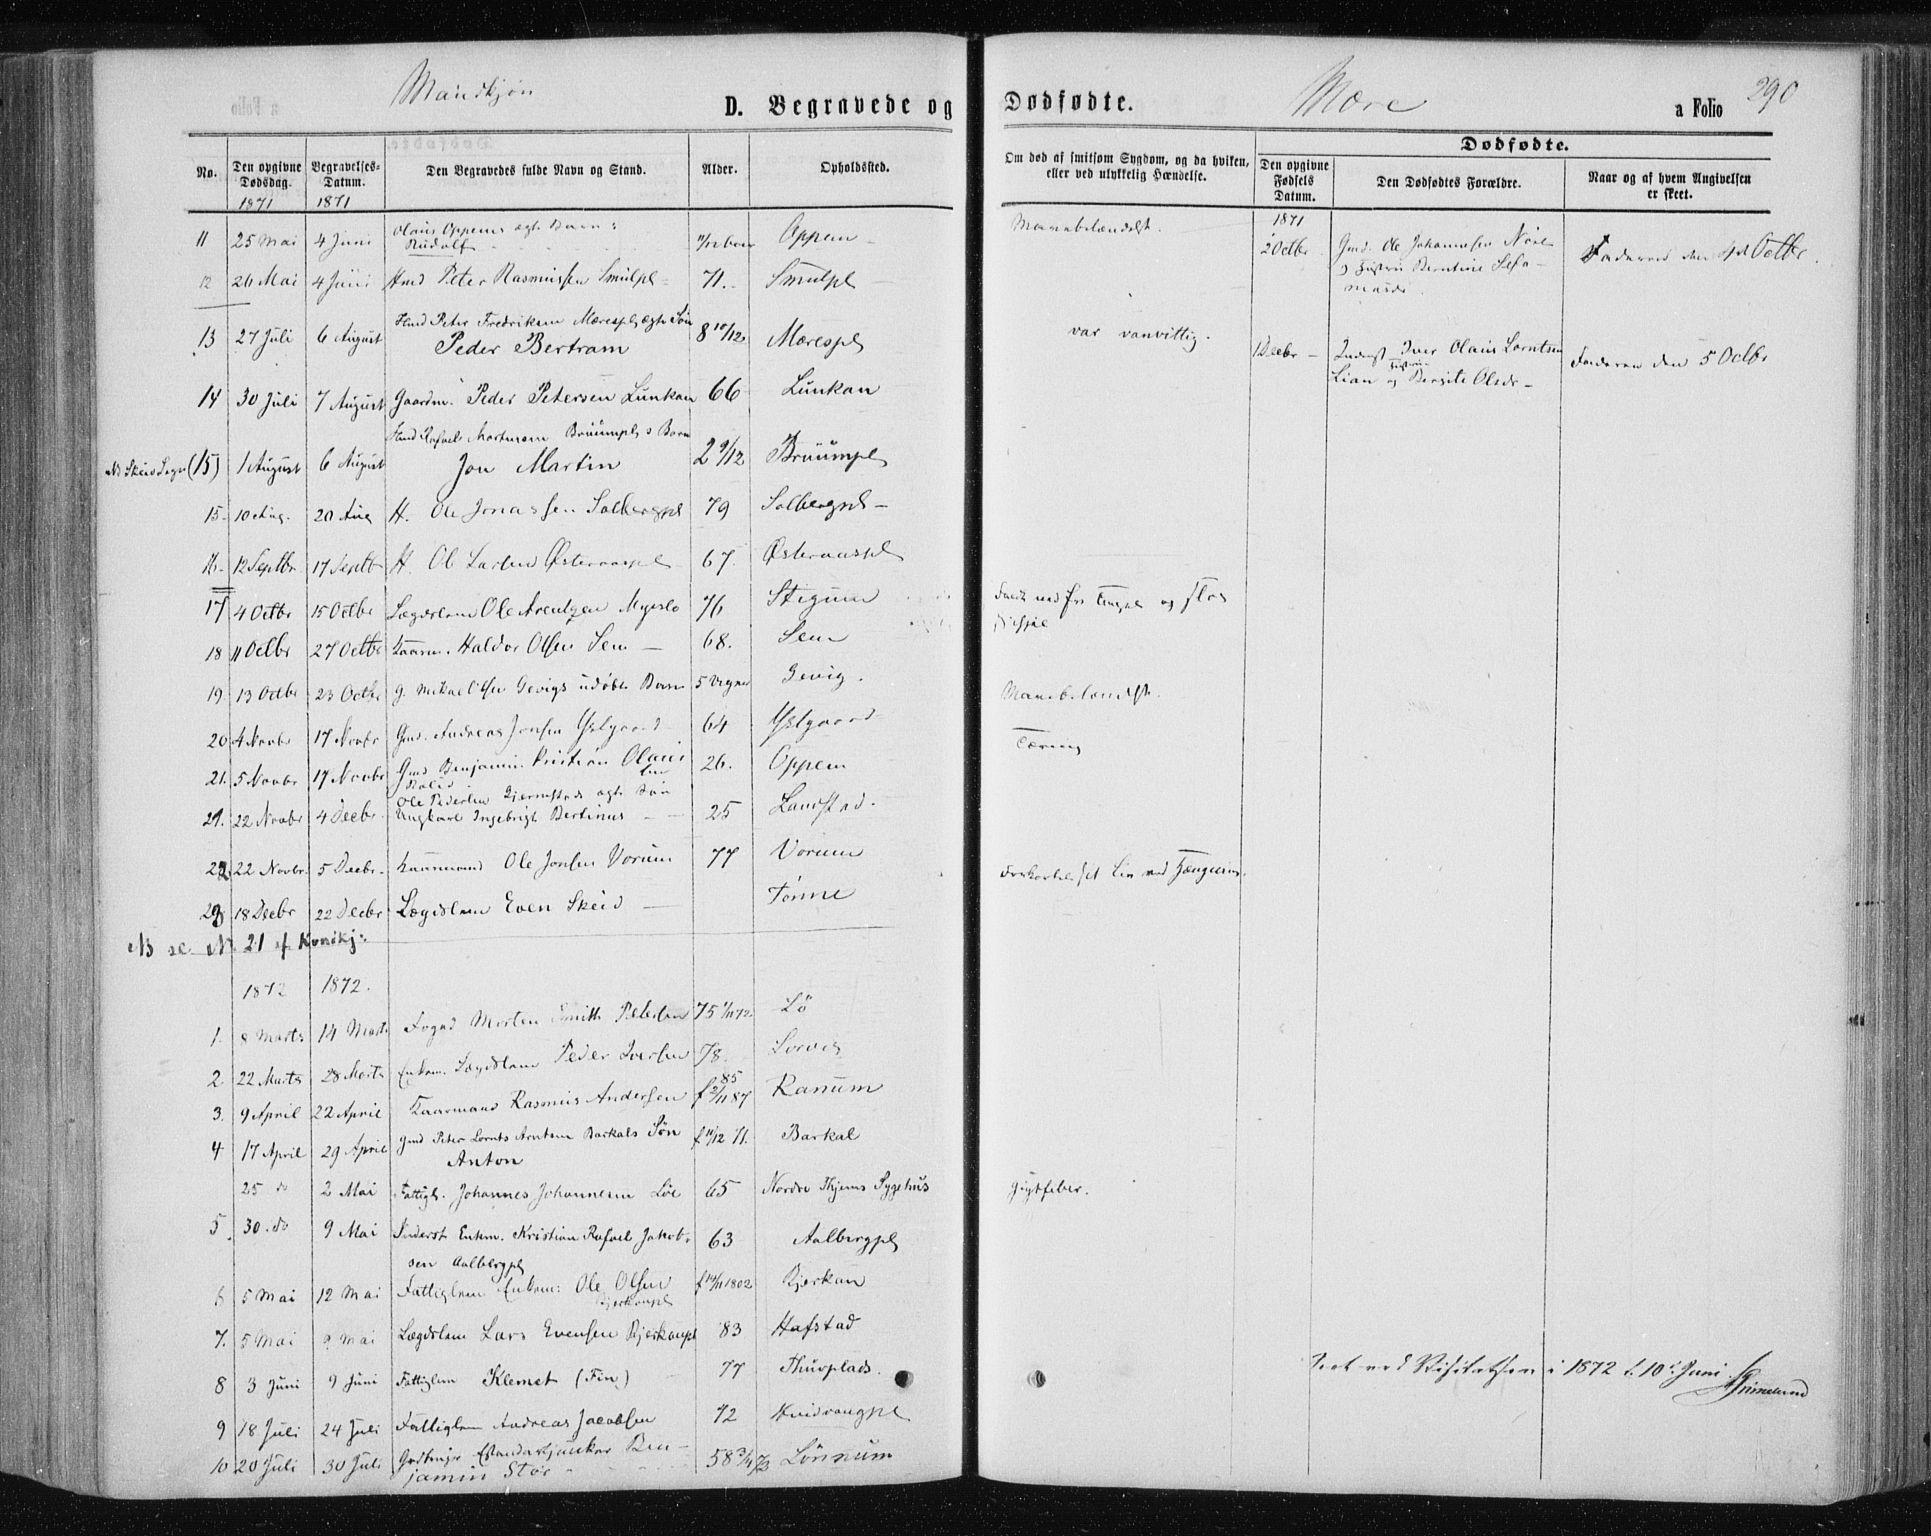 SAT, Ministerialprotokoller, klokkerbøker og fødselsregistre - Nord-Trøndelag, 735/L0345: Ministerialbok nr. 735A08 /1, 1863-1872, s. 290